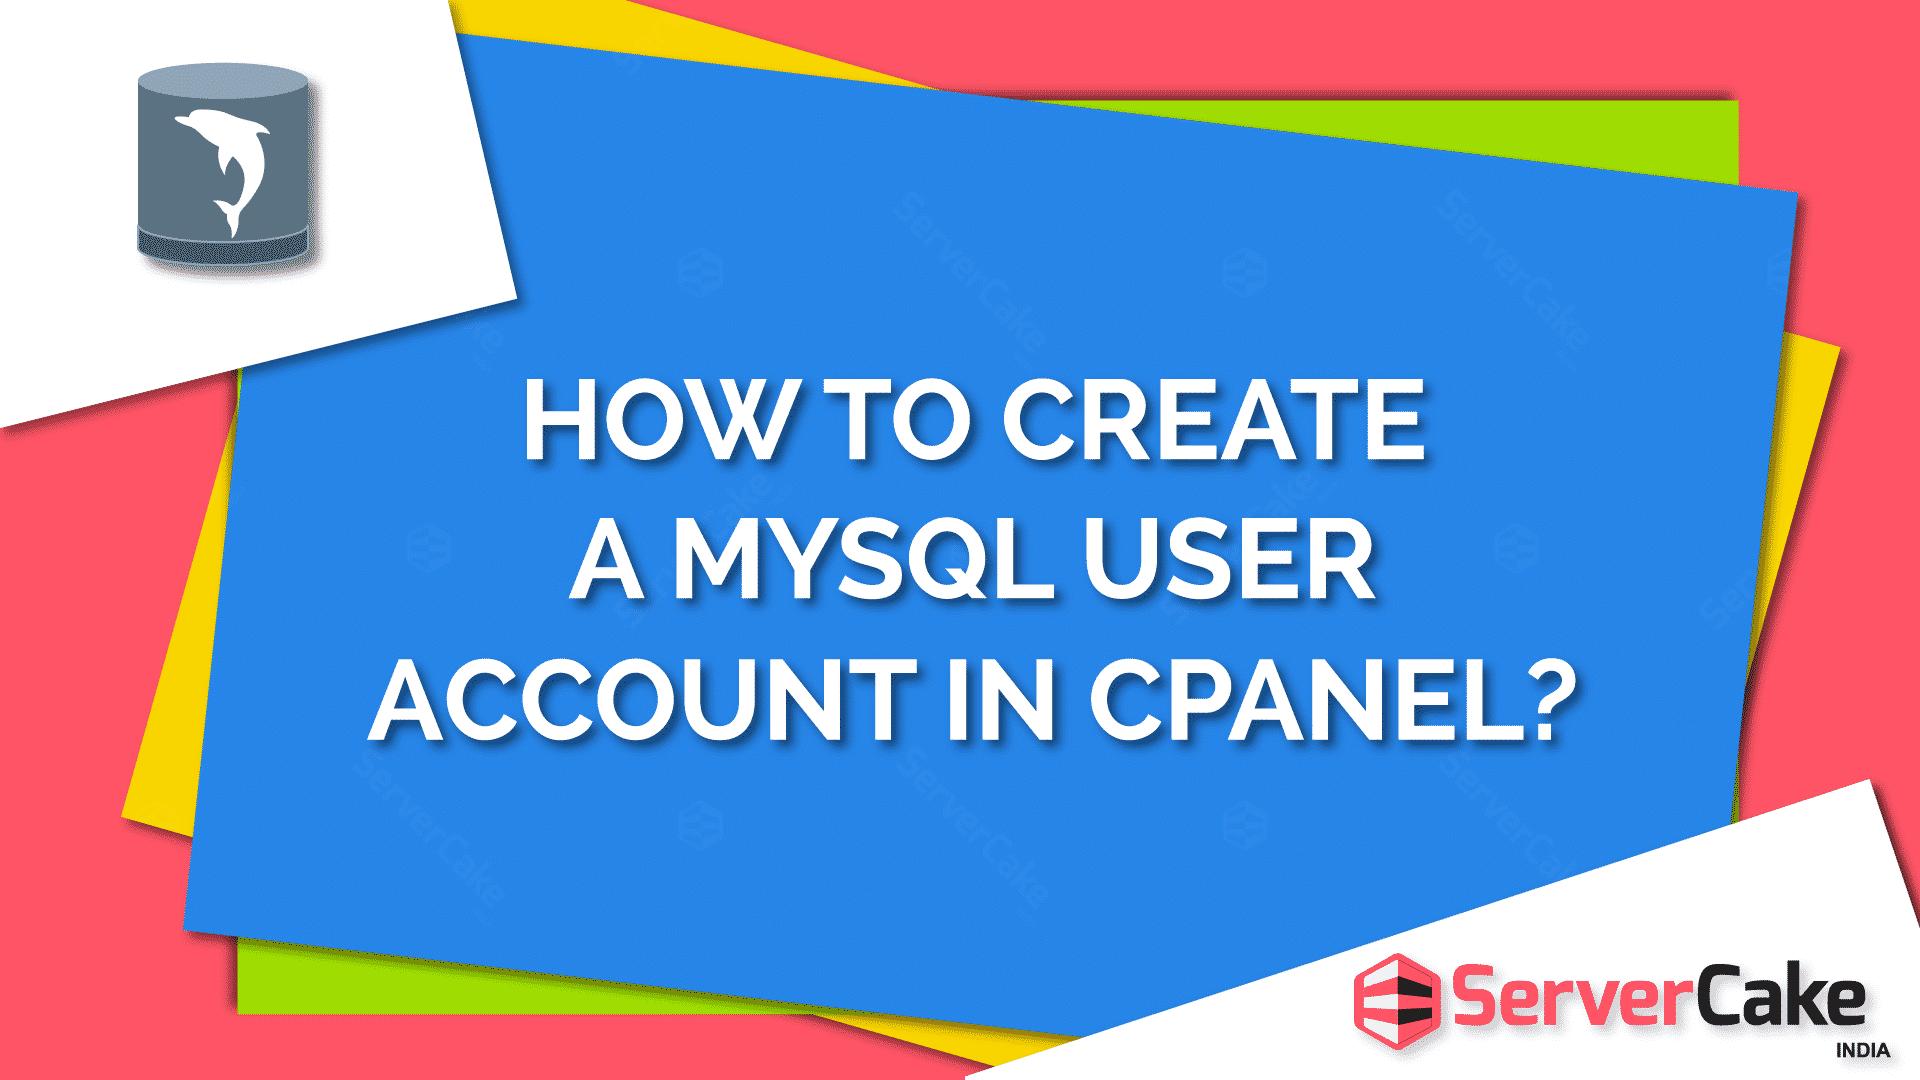 Create a MySQL user account